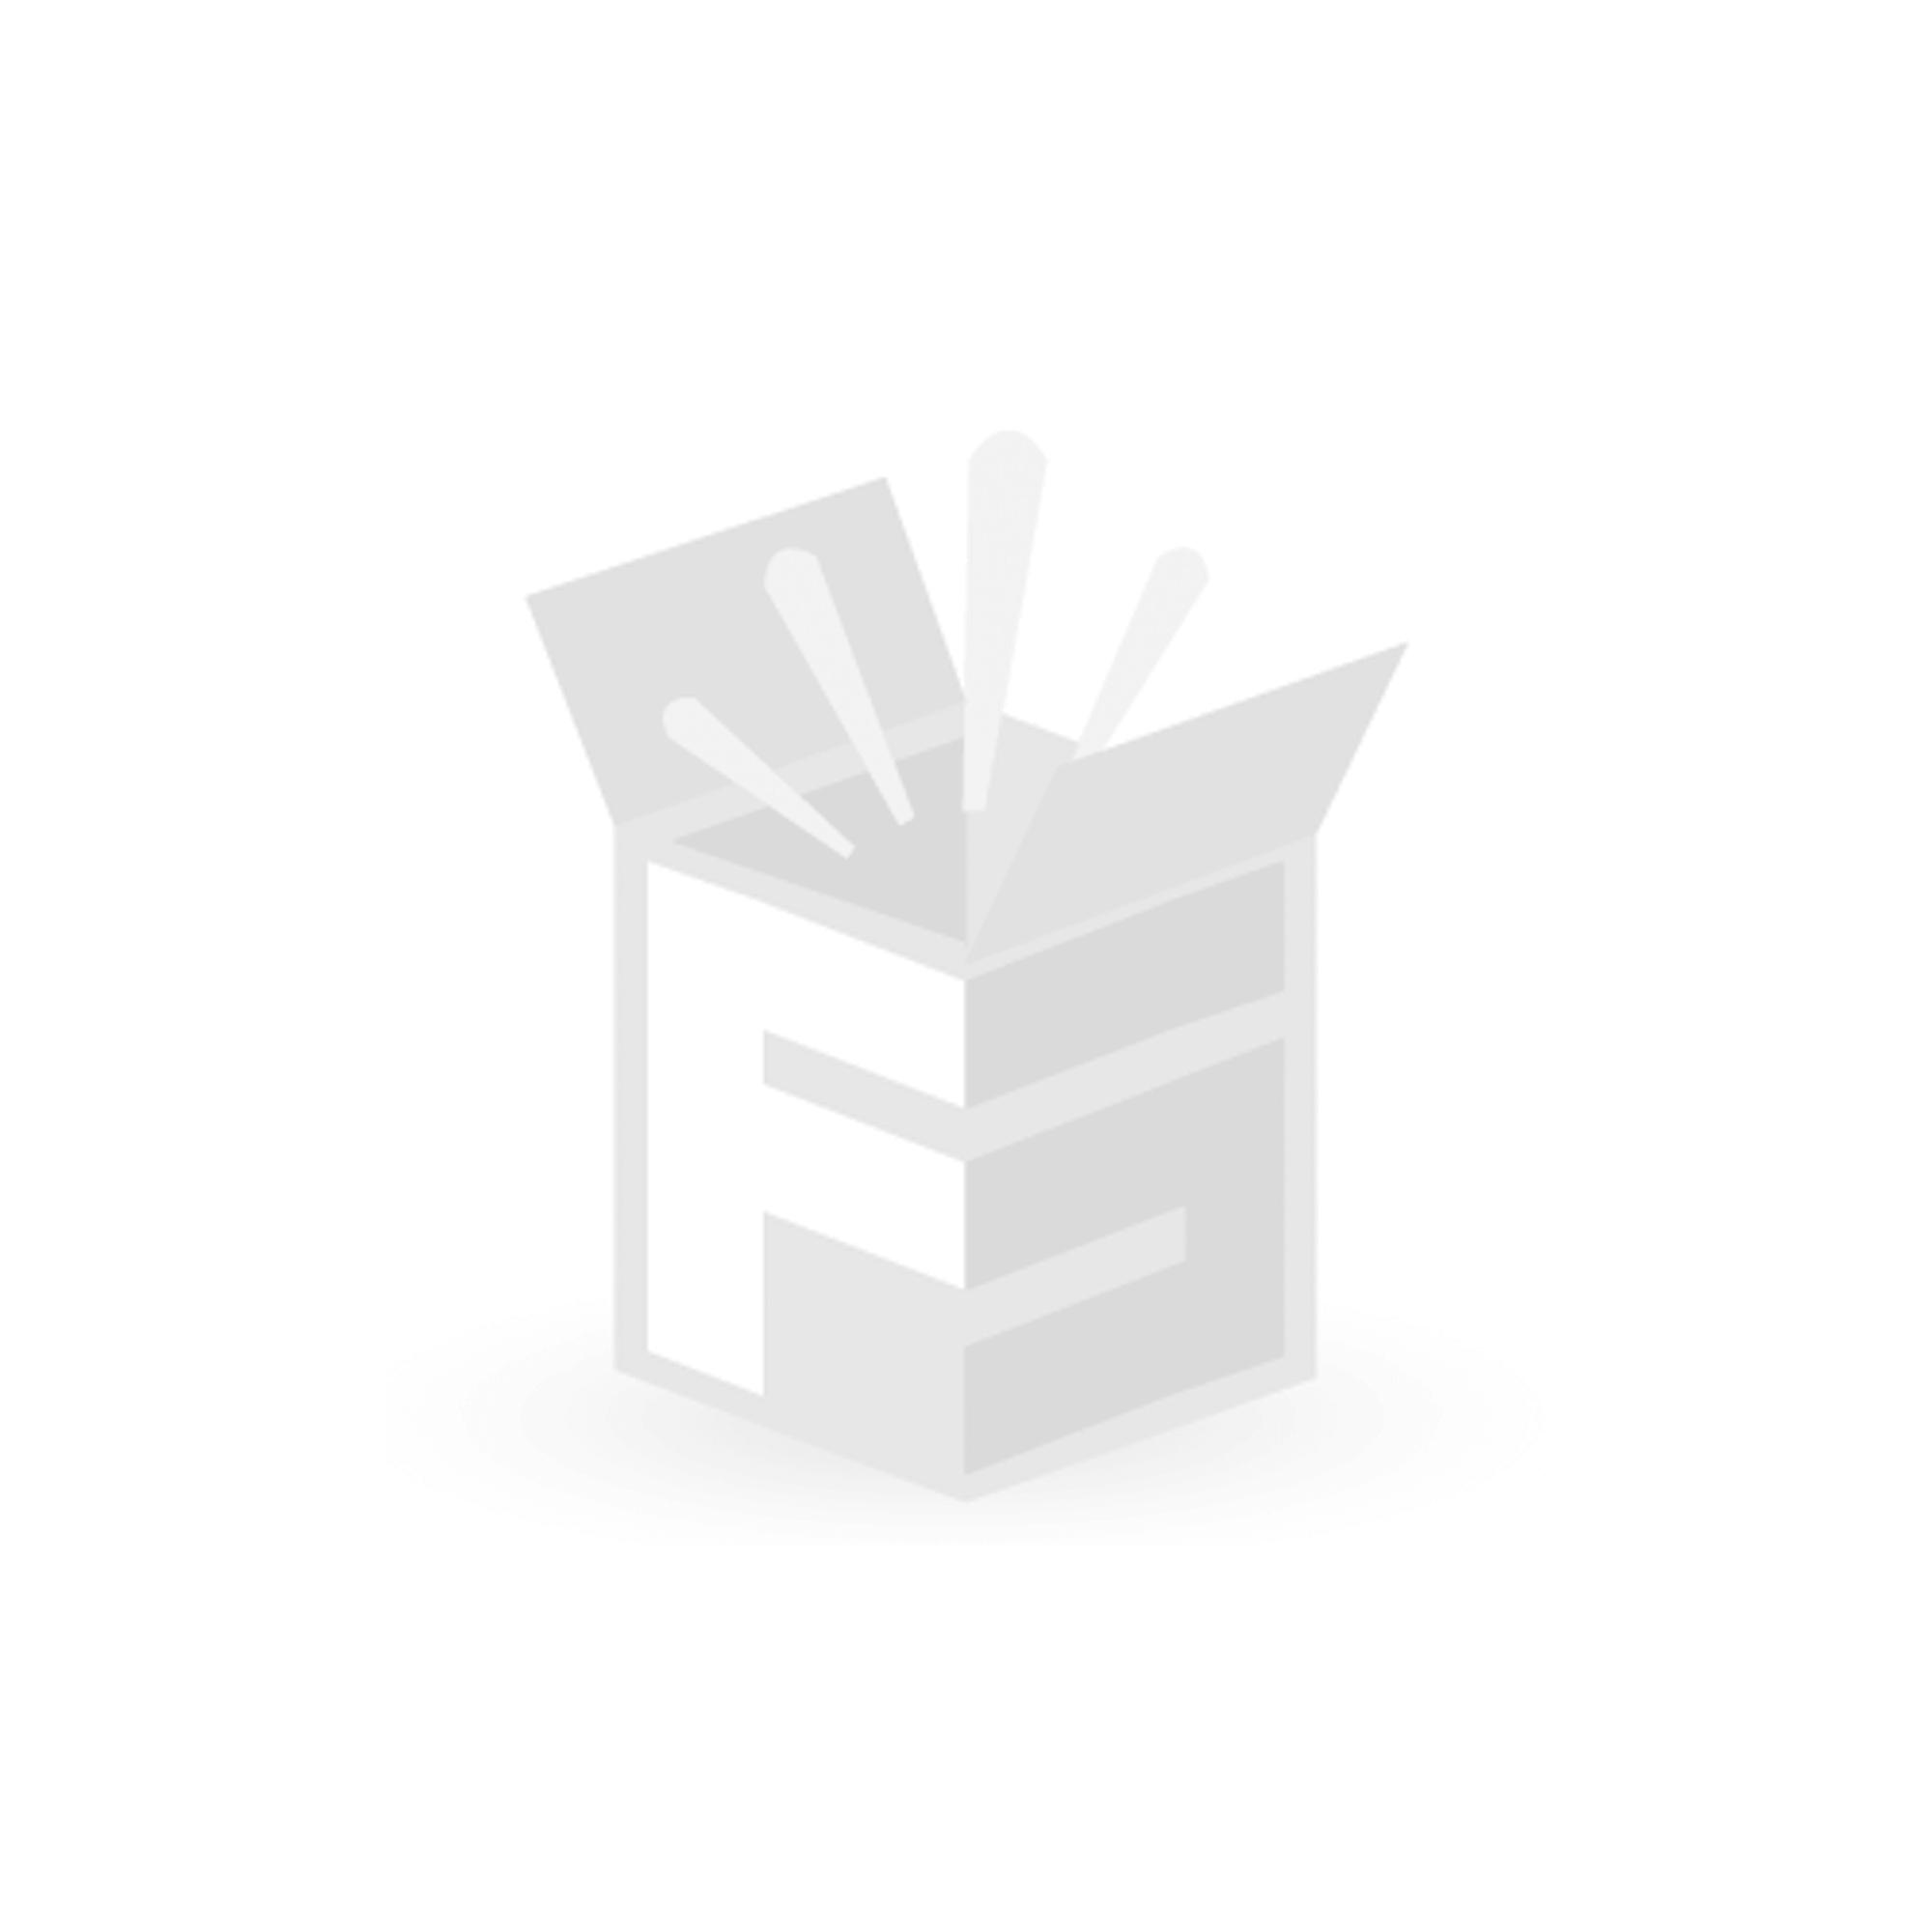 bosch metallbohrer set probox hss g 135 19 teilig. Black Bedroom Furniture Sets. Home Design Ideas